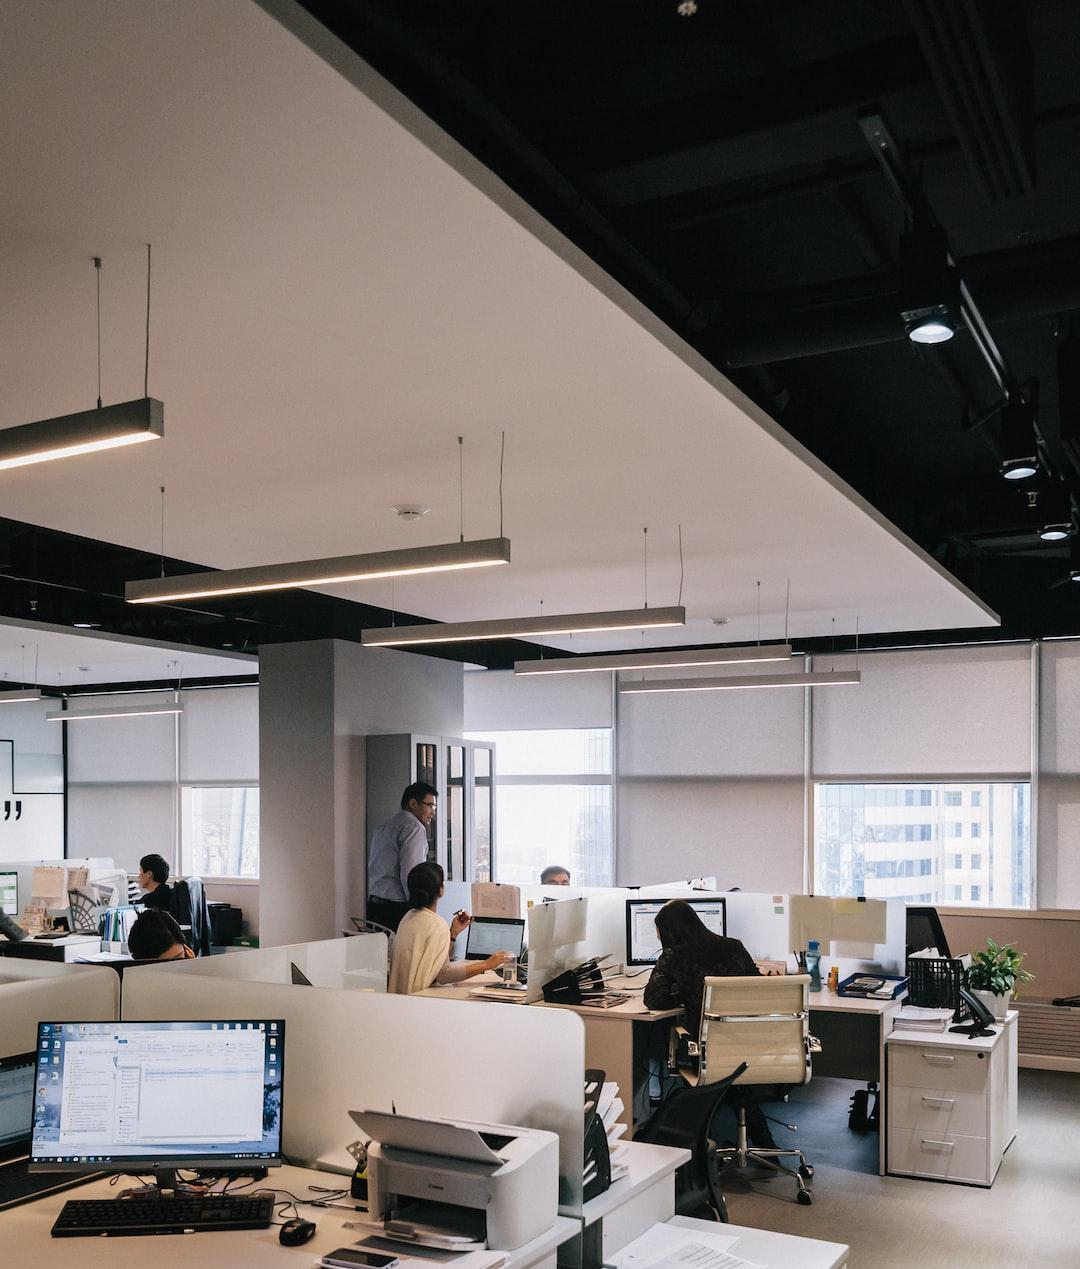 Um coworking não tem tantas barreiras físicas que separem quem está trabalhando.